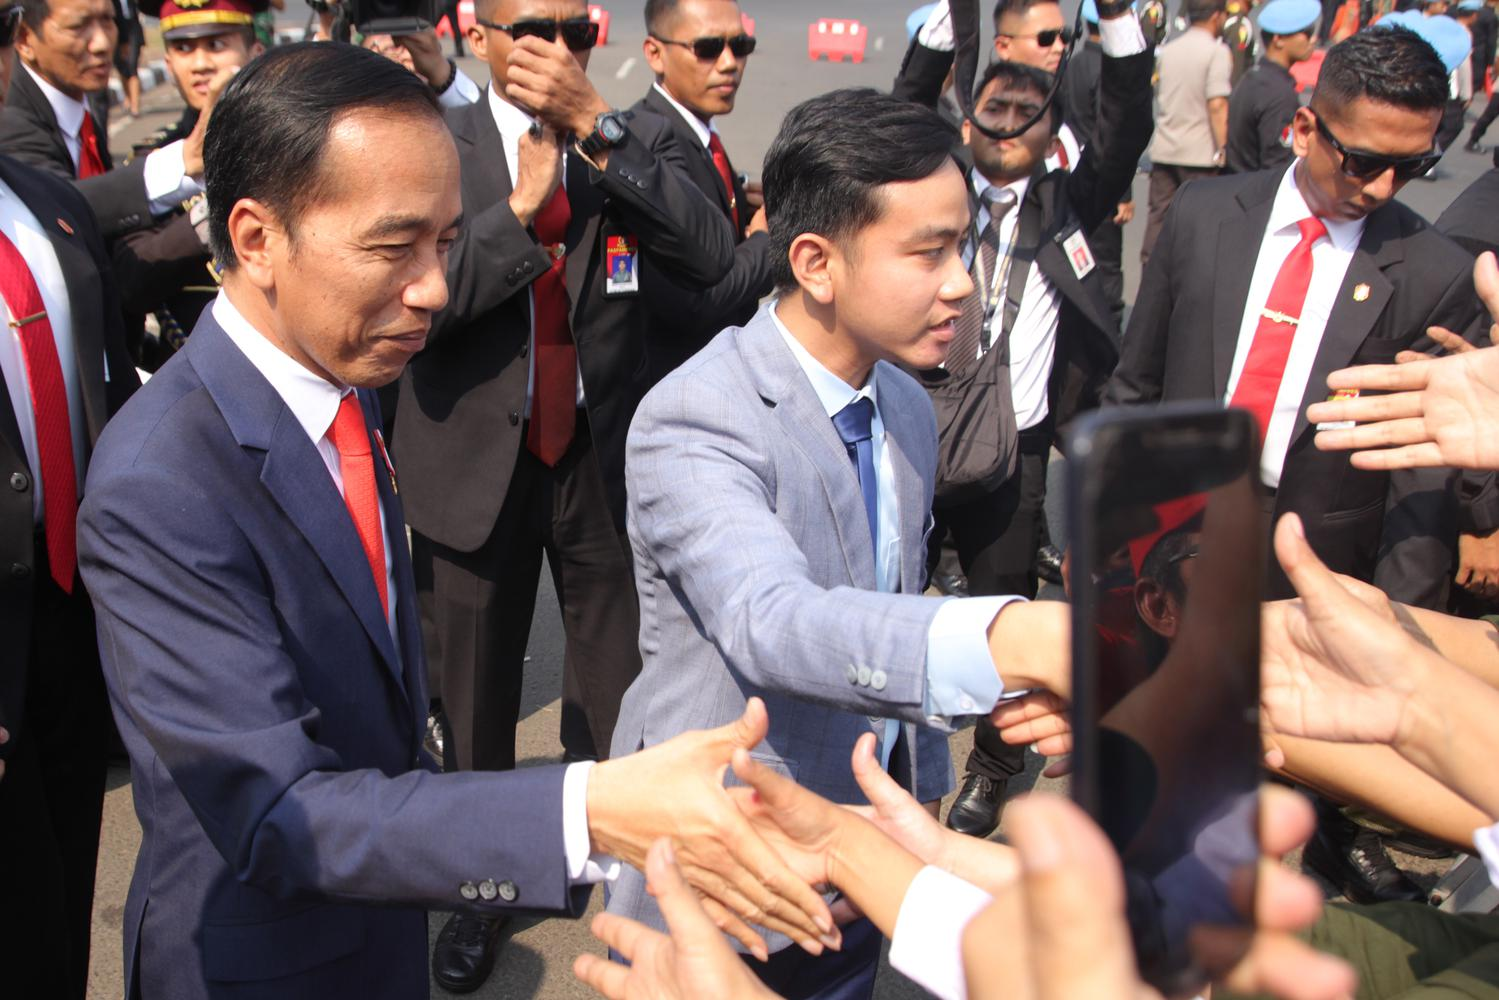 Presiden Joko Widodo (kiri) didampingi putranya Gibran Rakabuming (kanan) menyalami warga sebelum mengikuti upacara pelantikan. Gibran siap menyerahkan bisnisnya ke sang adik lantaran bakal berfokus di bidang politik.